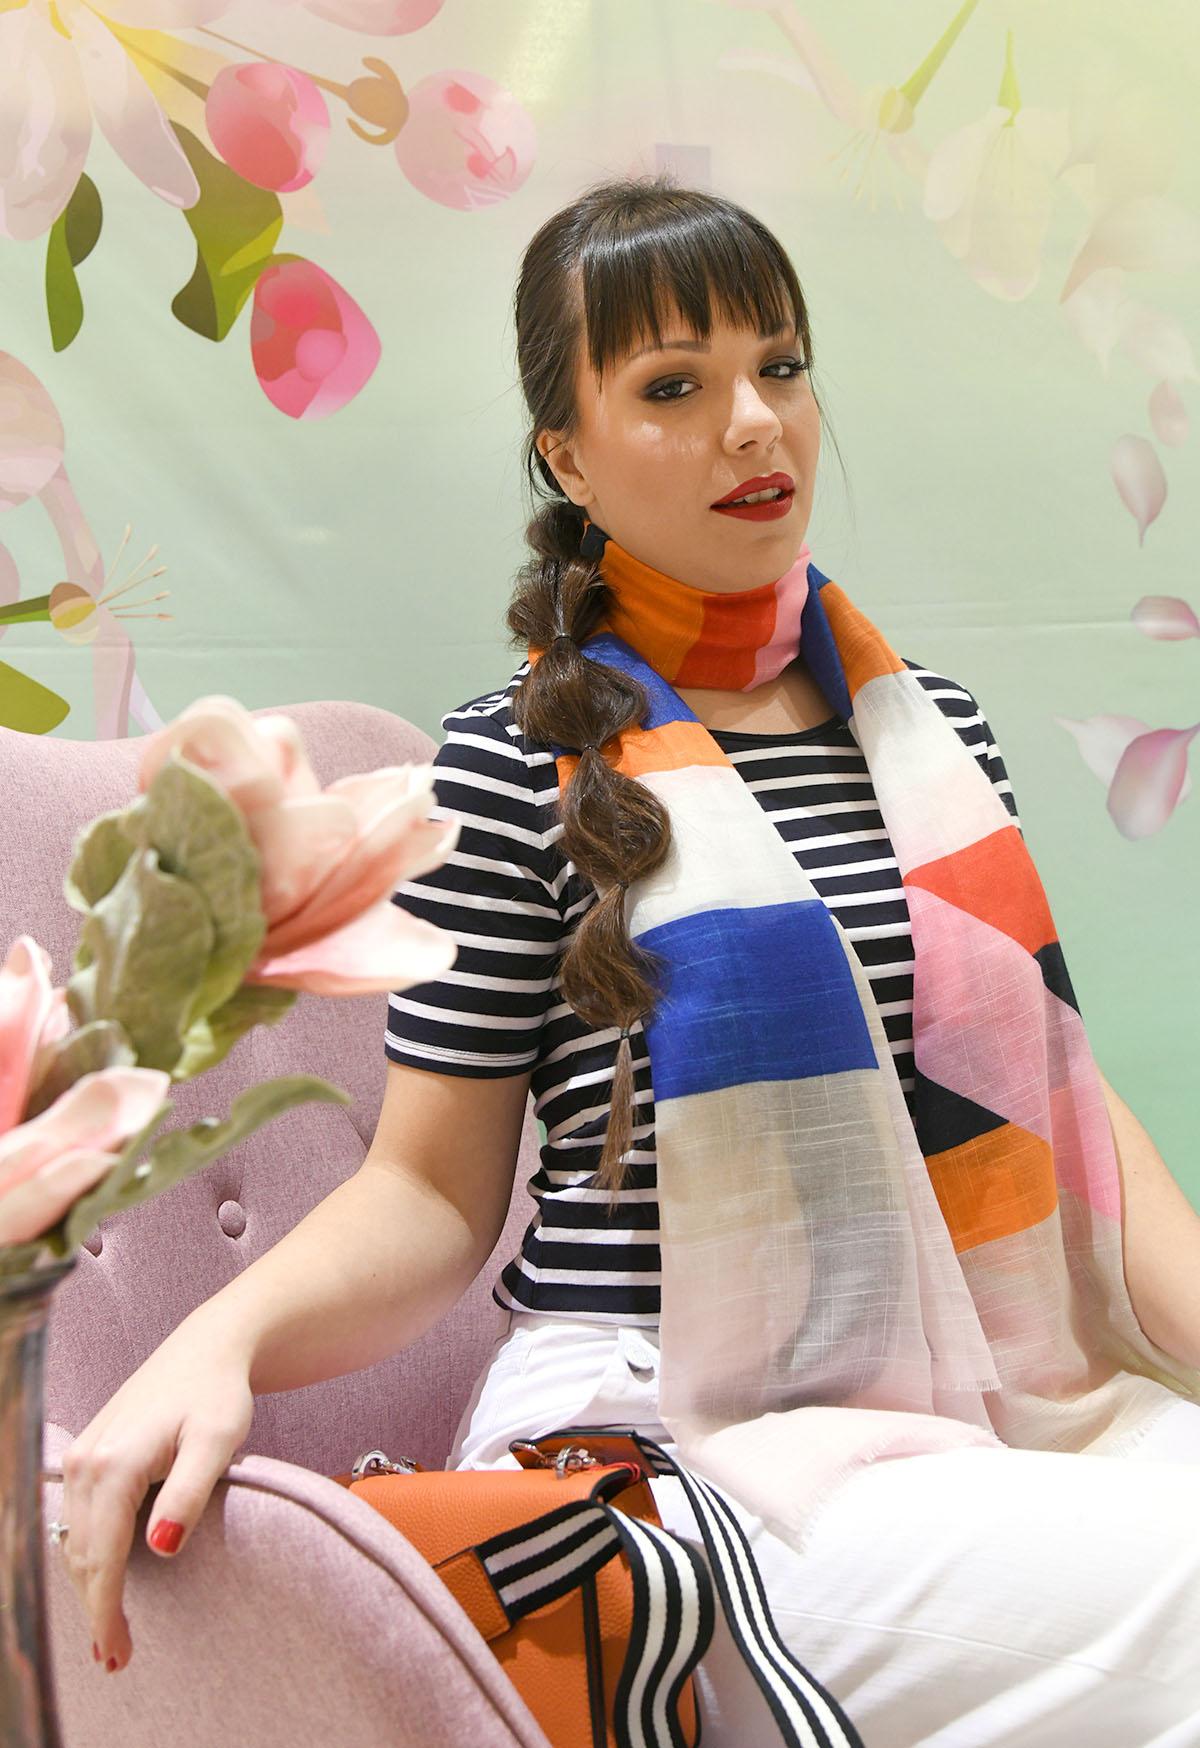 Proljetni makeover u ZTC-u: Razmazili smo 13 prelijepih dama!